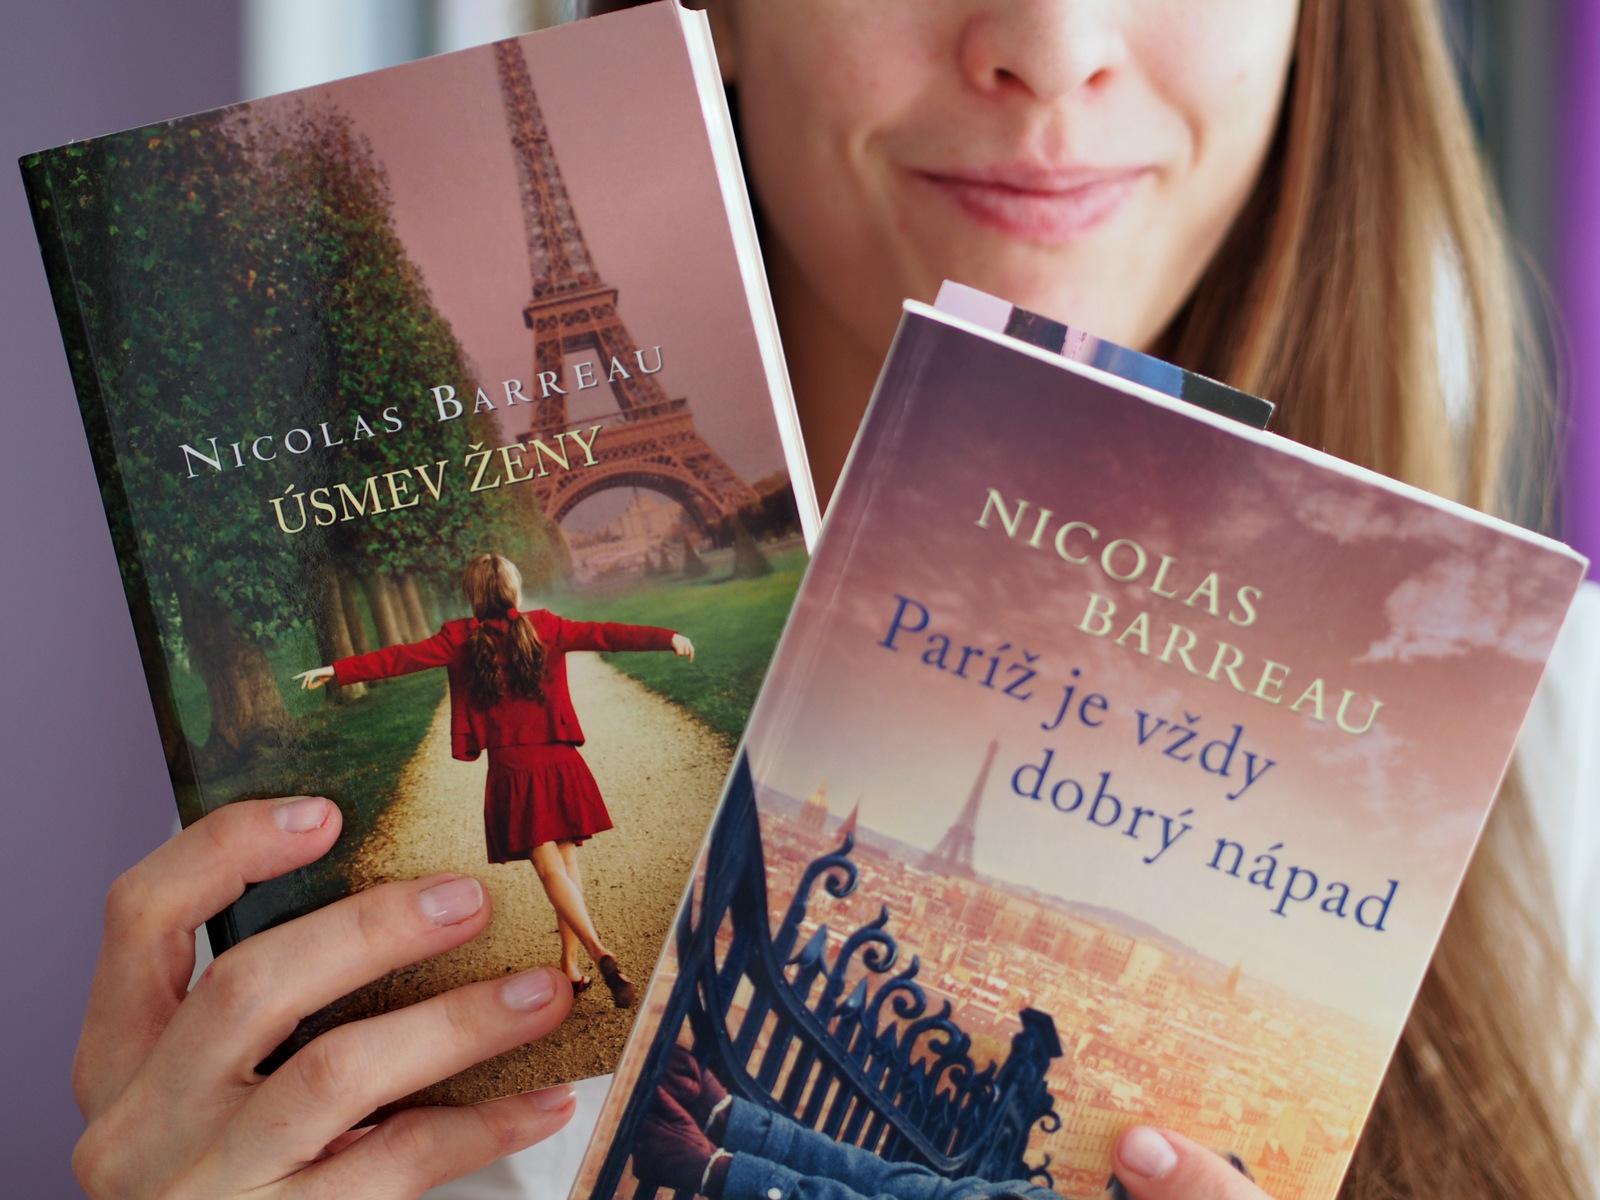 čo čítam: Paríž je vždy dobrý nápad & Úsmev ženy // Nicolas Barreau